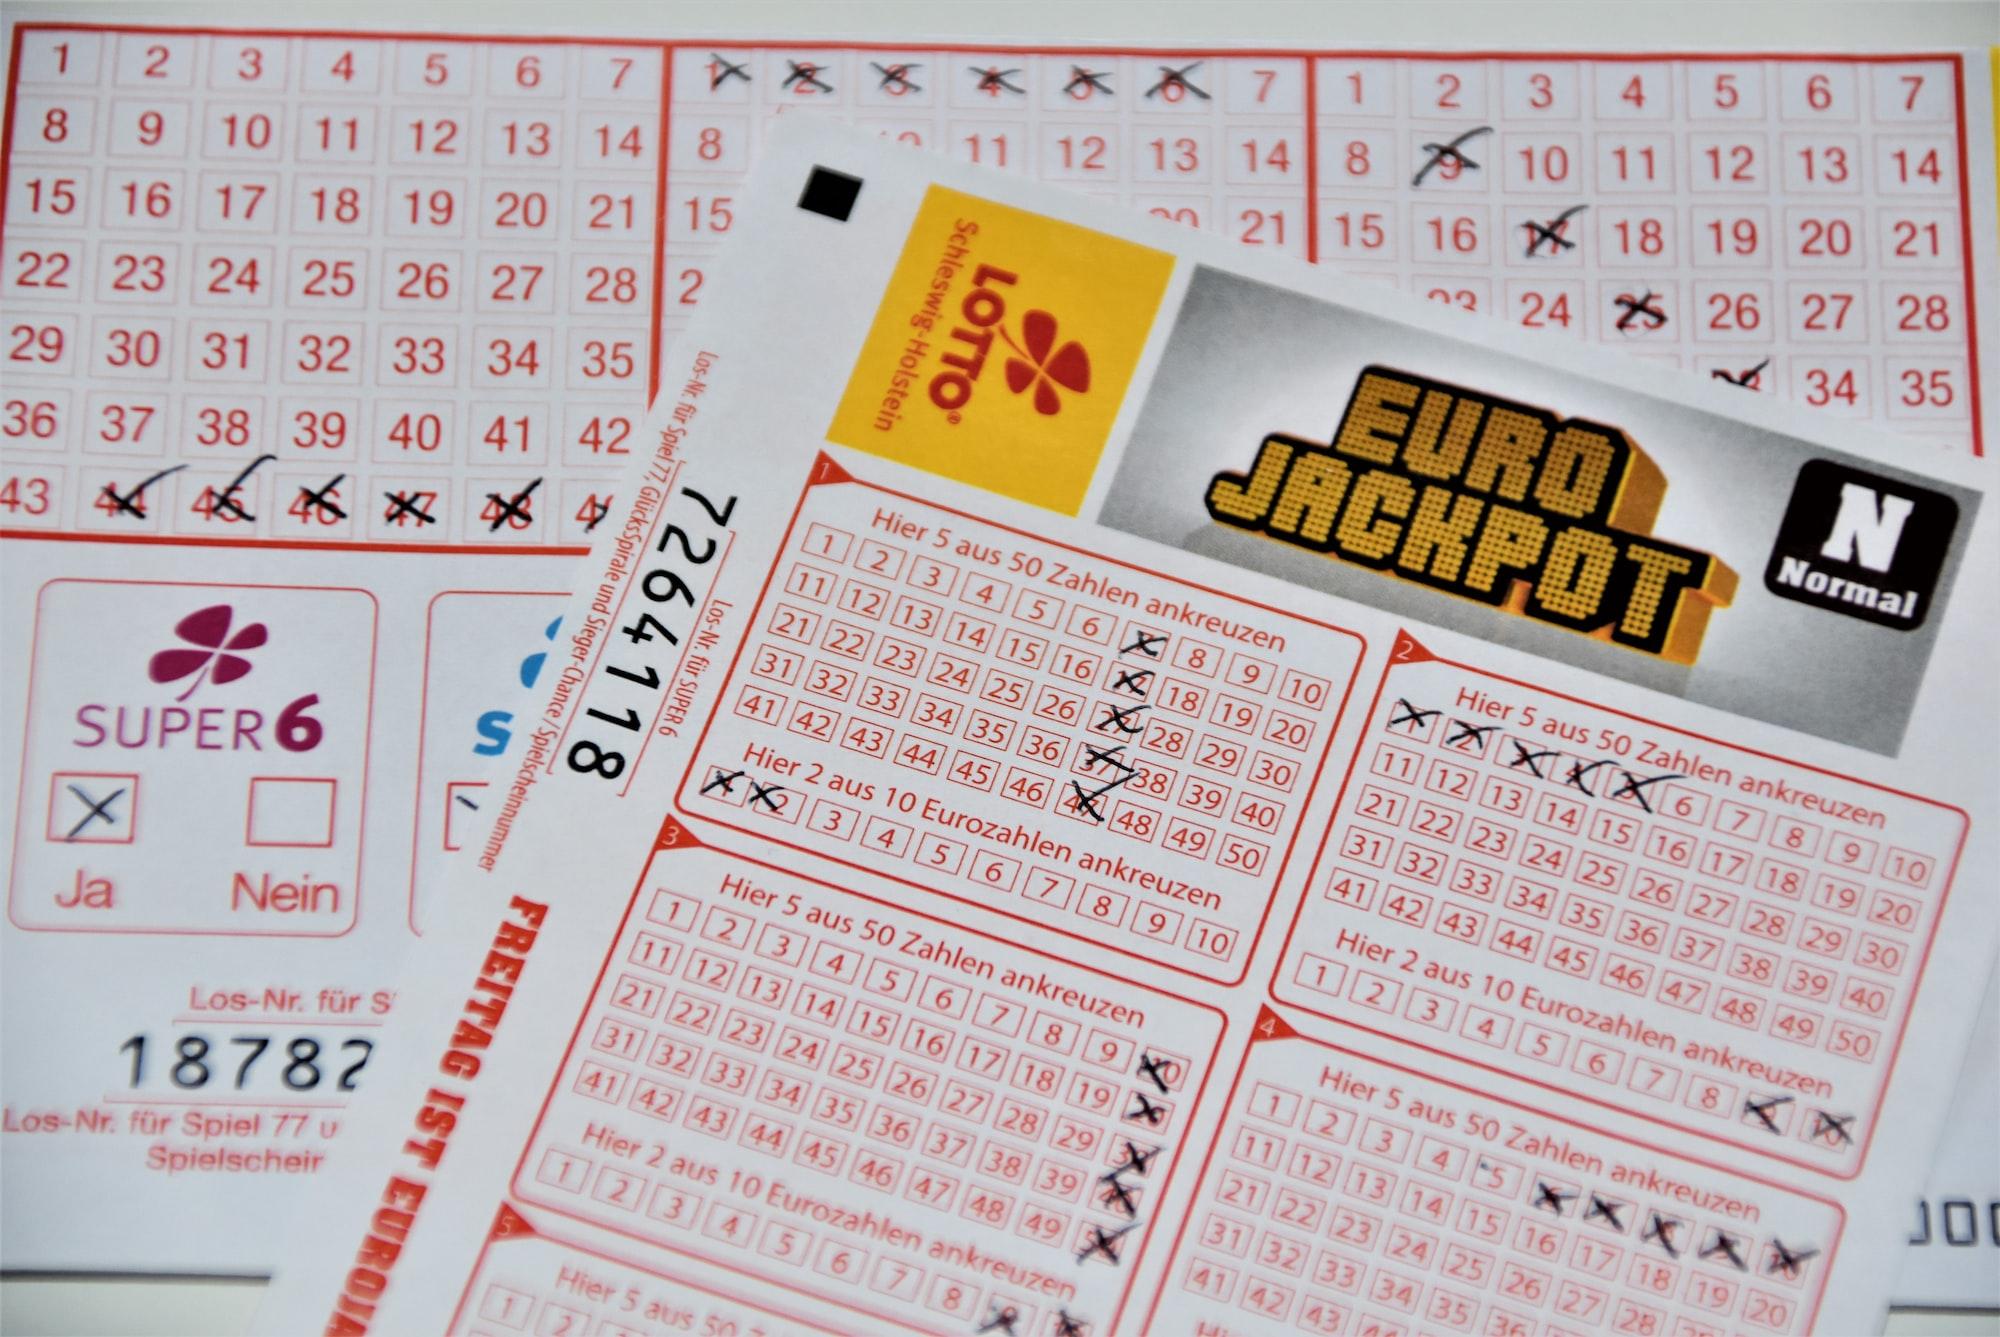 Estrazioni Lotto, Superenalotto e 10eLotto 25/09/21: i numeri vincenti